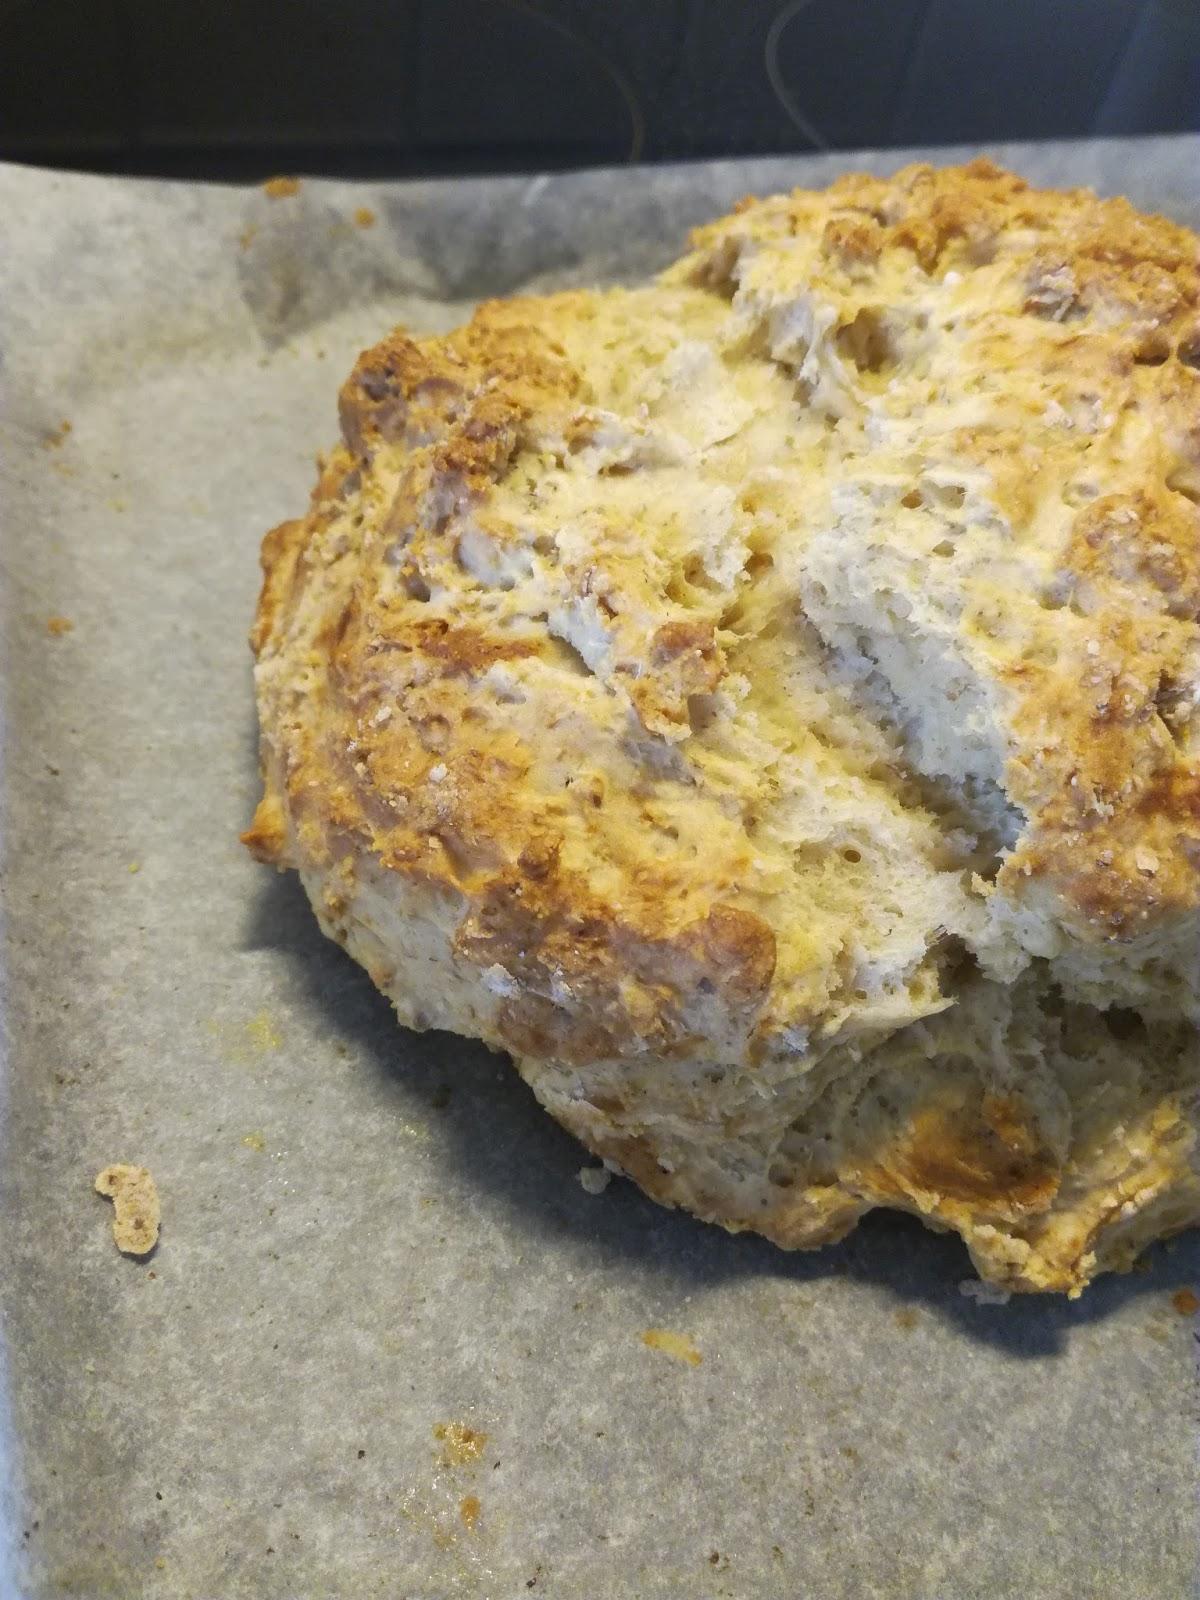 leipä ilman hiivaa